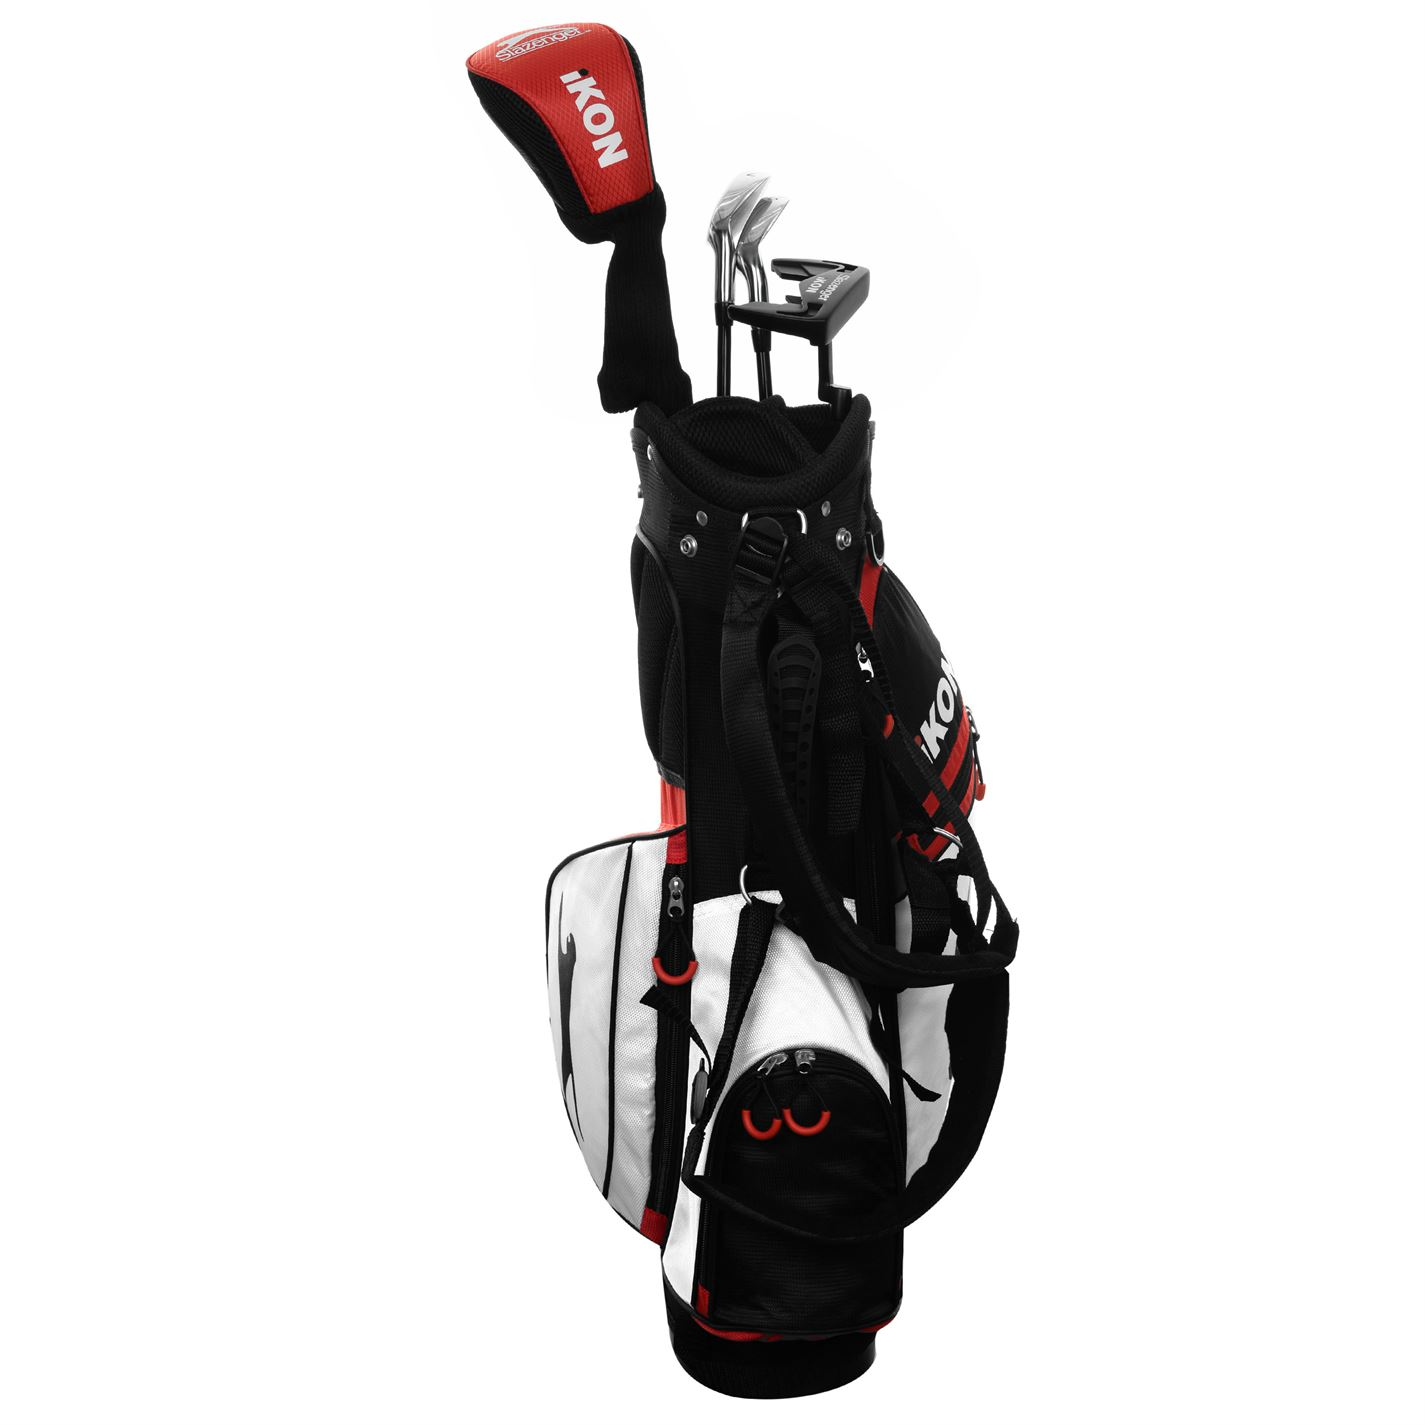 Slazenger-Kids-Ikon-Golf-Set-Junior-Graphite thumbnail 11